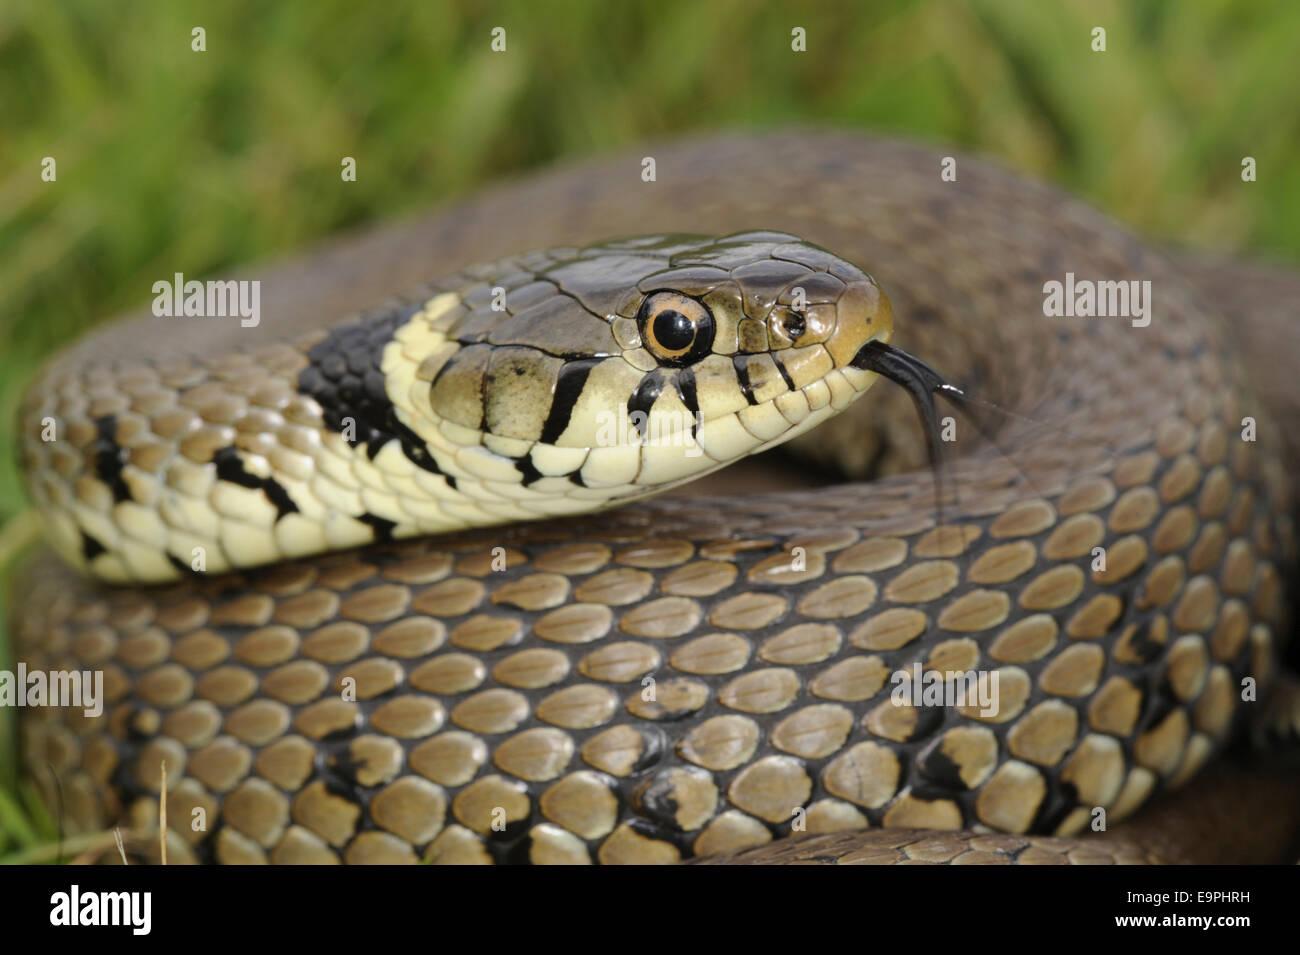 Couleuvre à collier - Natrix natrix Photo Stock